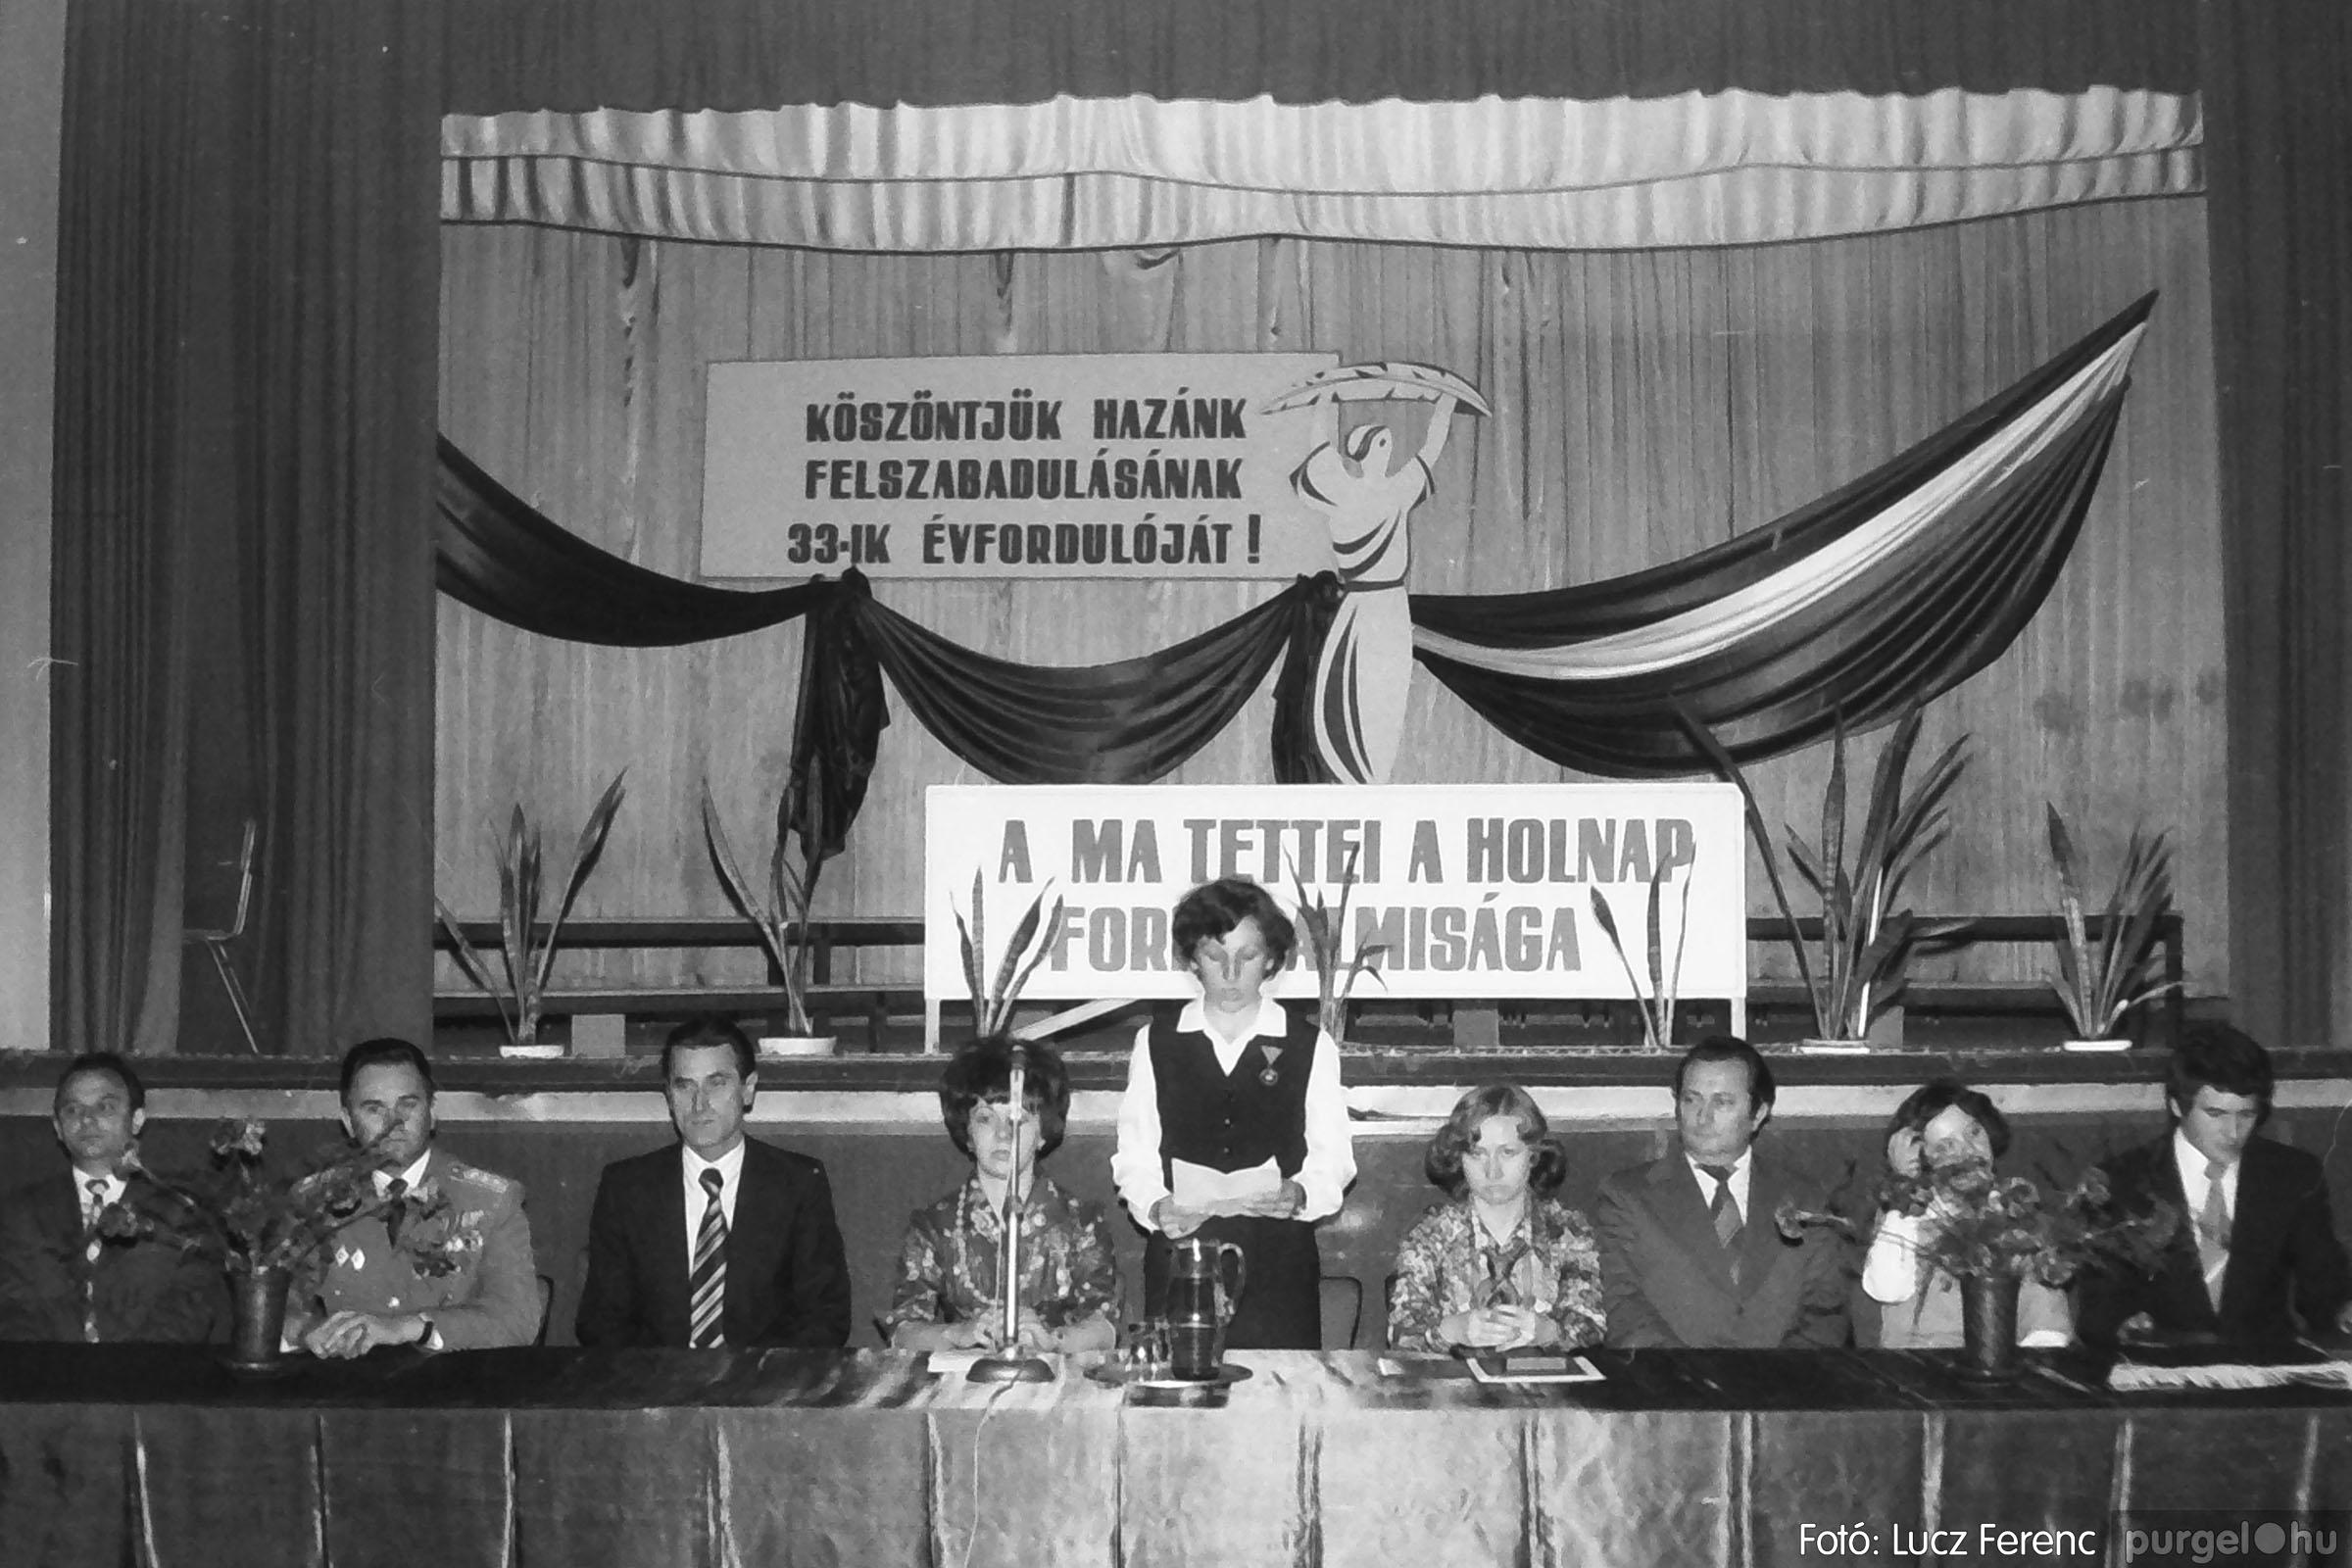 109. 1978. Április 4-i ünnepségek 023. - Fotó: Lucz Ferenc.jpg